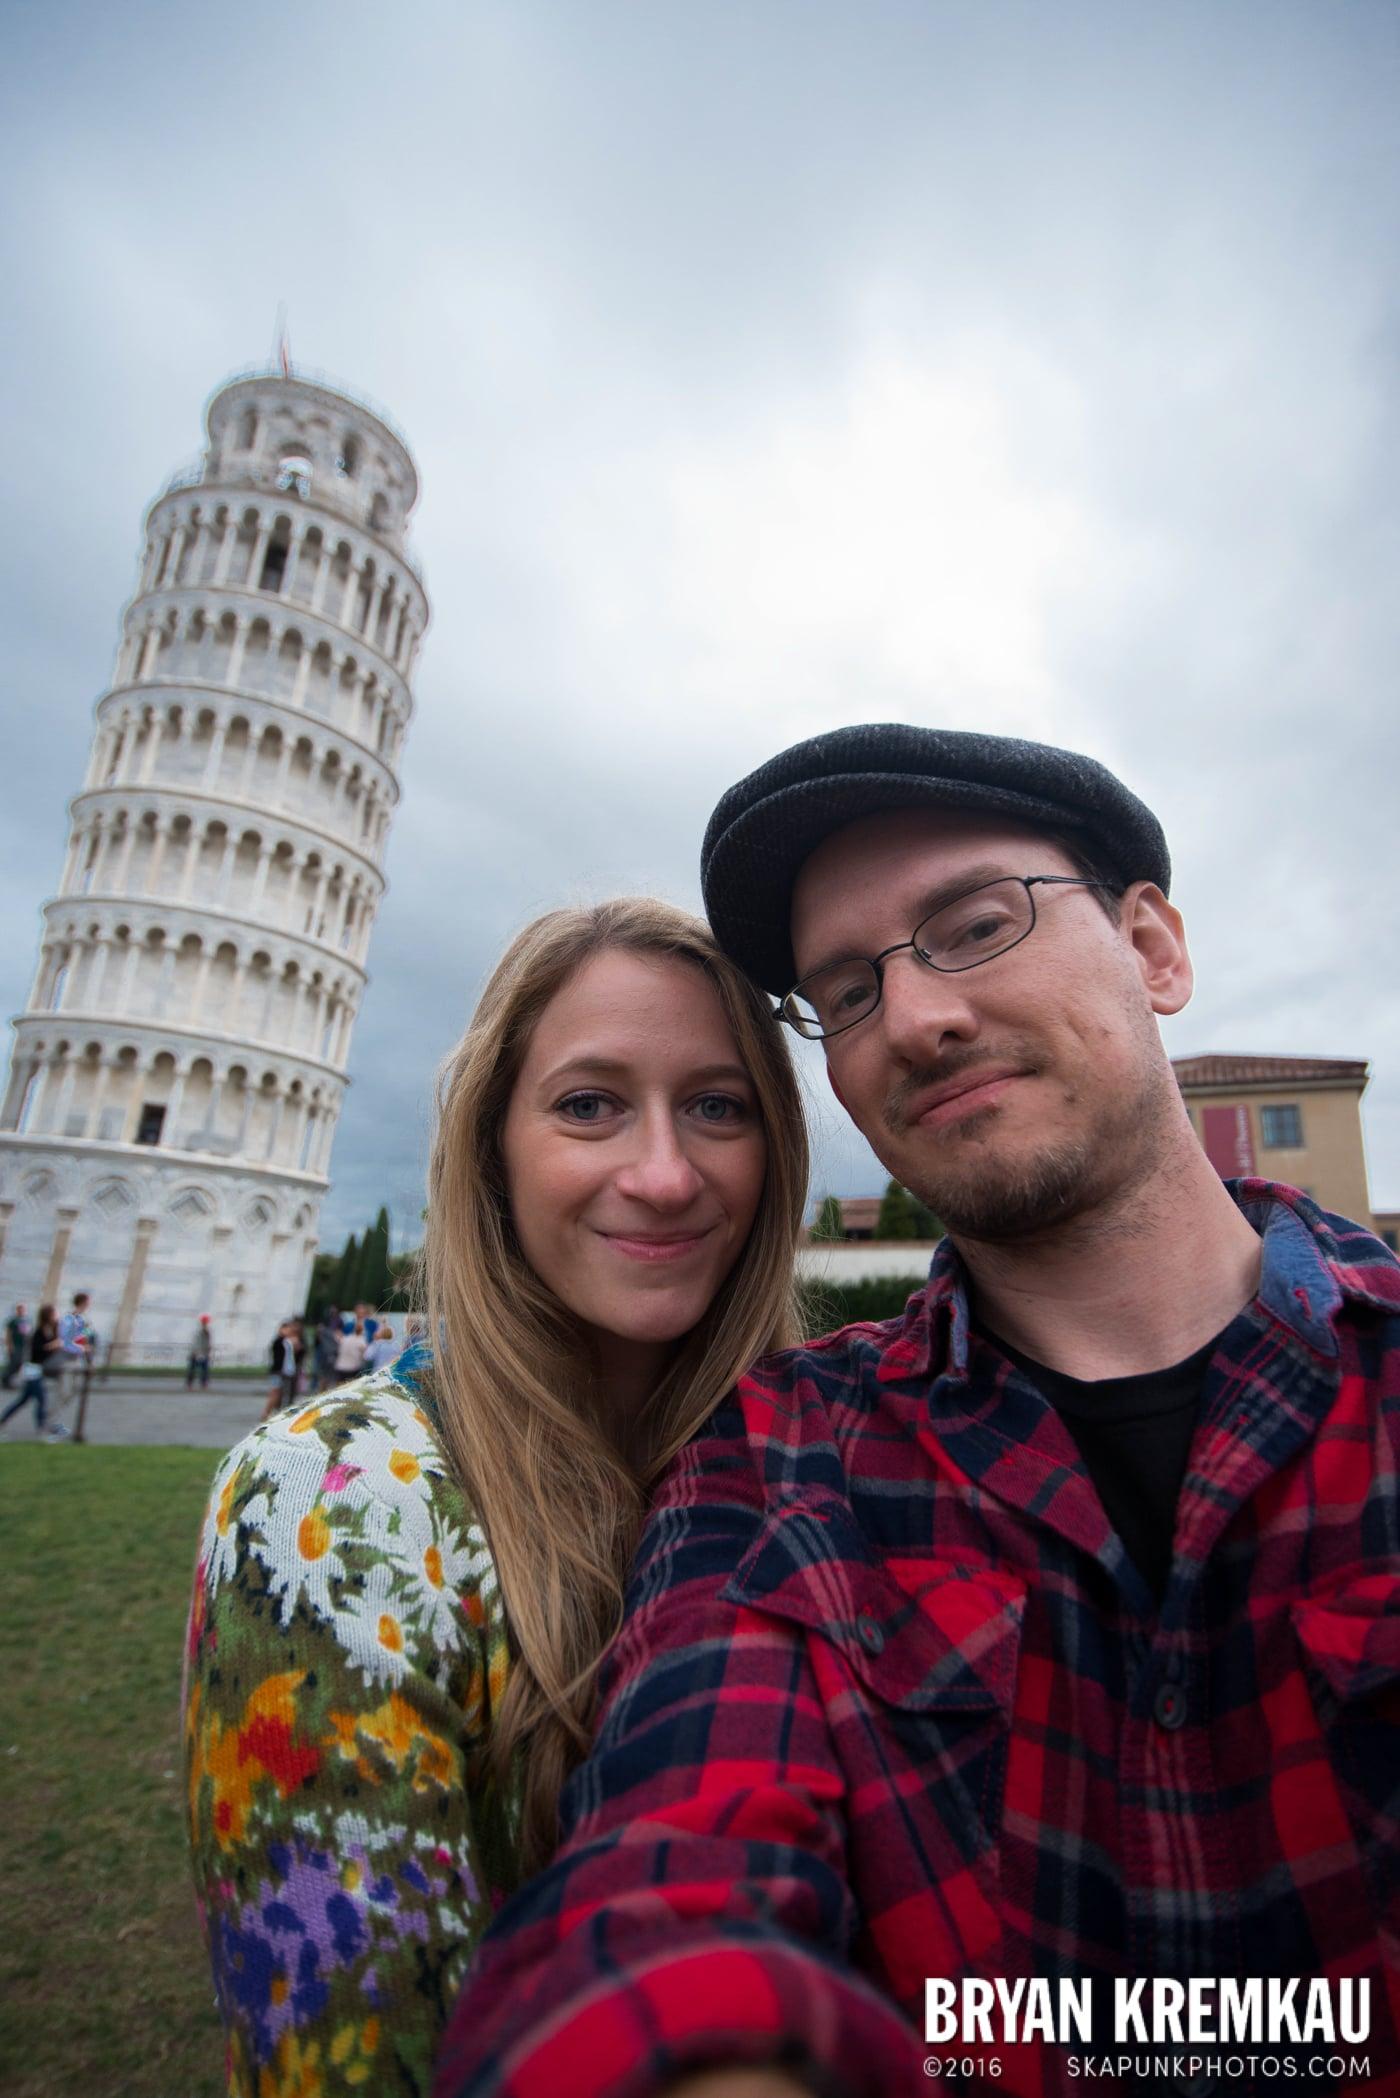 Italy Vacation - Day 8: Siena, San Gimignano, Chianti, Pisa - 9.16.13 (22)